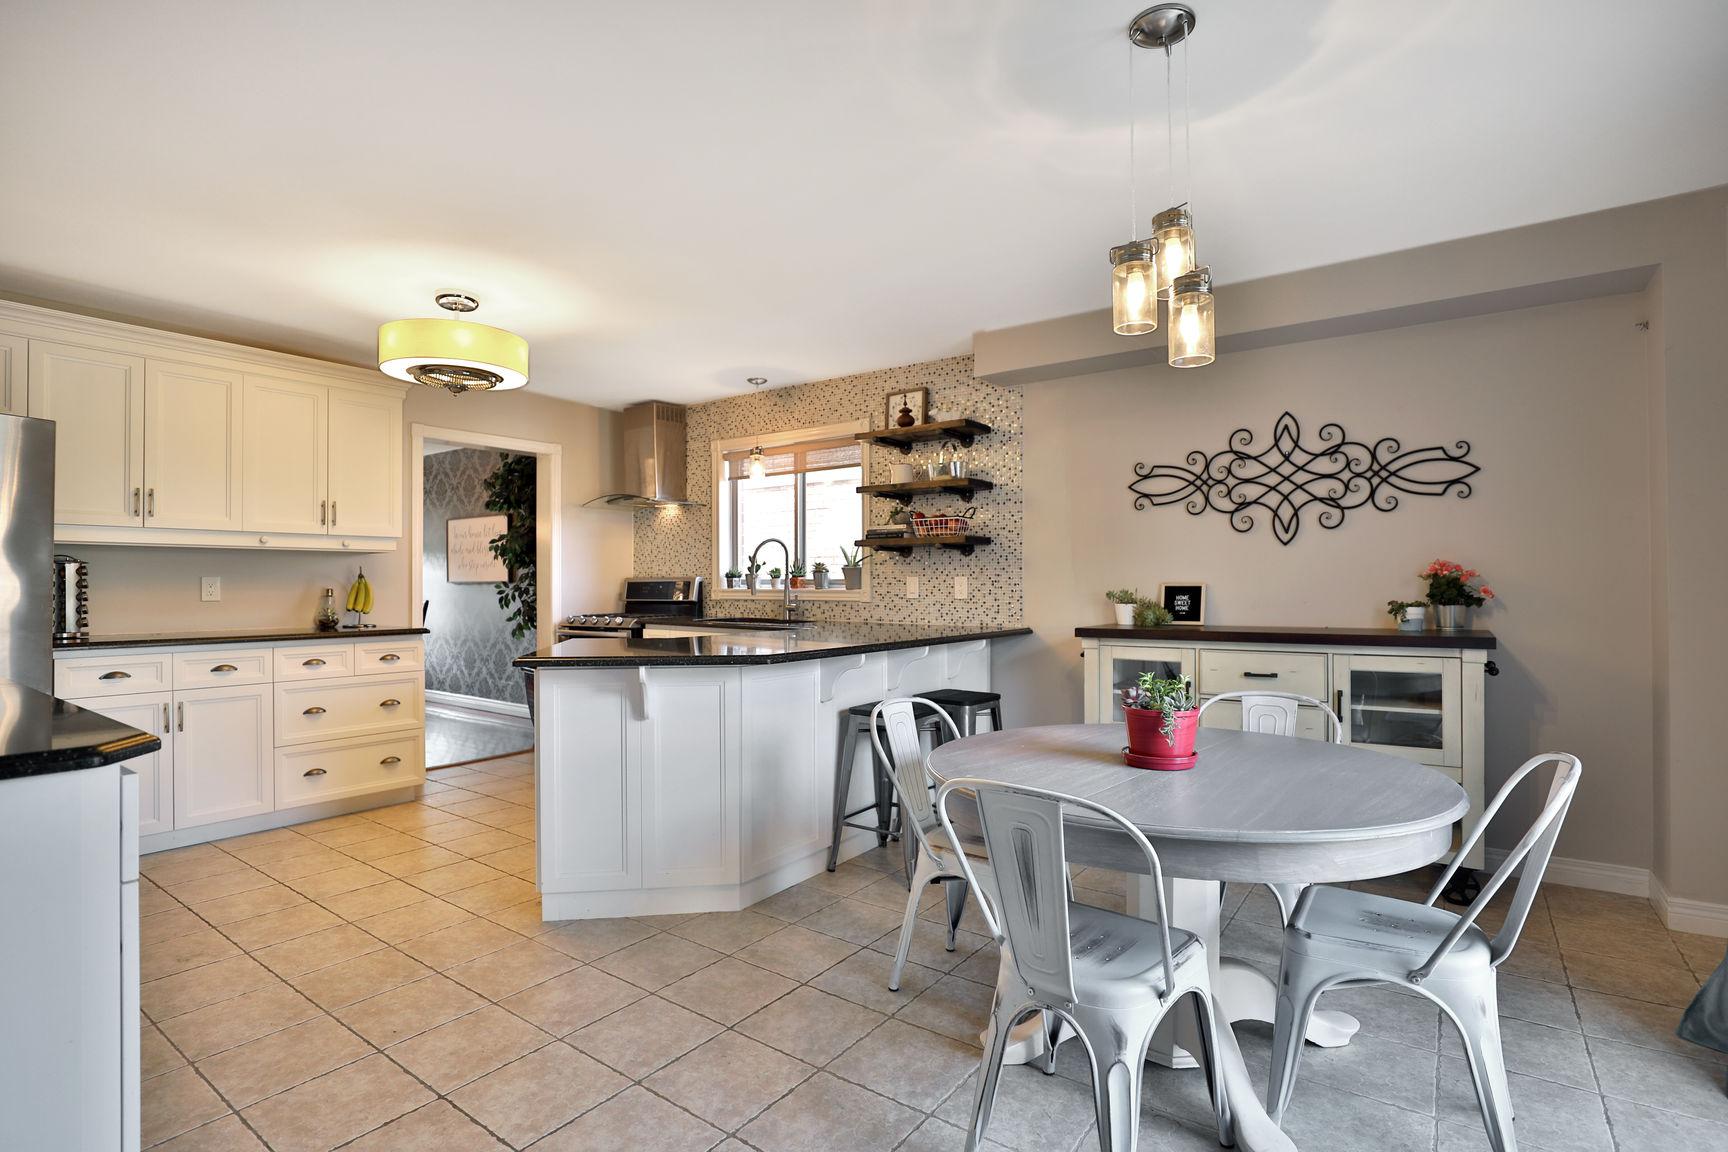 Glanbrook Binbrook 26 Switzer kitchen eat in 2 - Recently SOLD in Binbrook